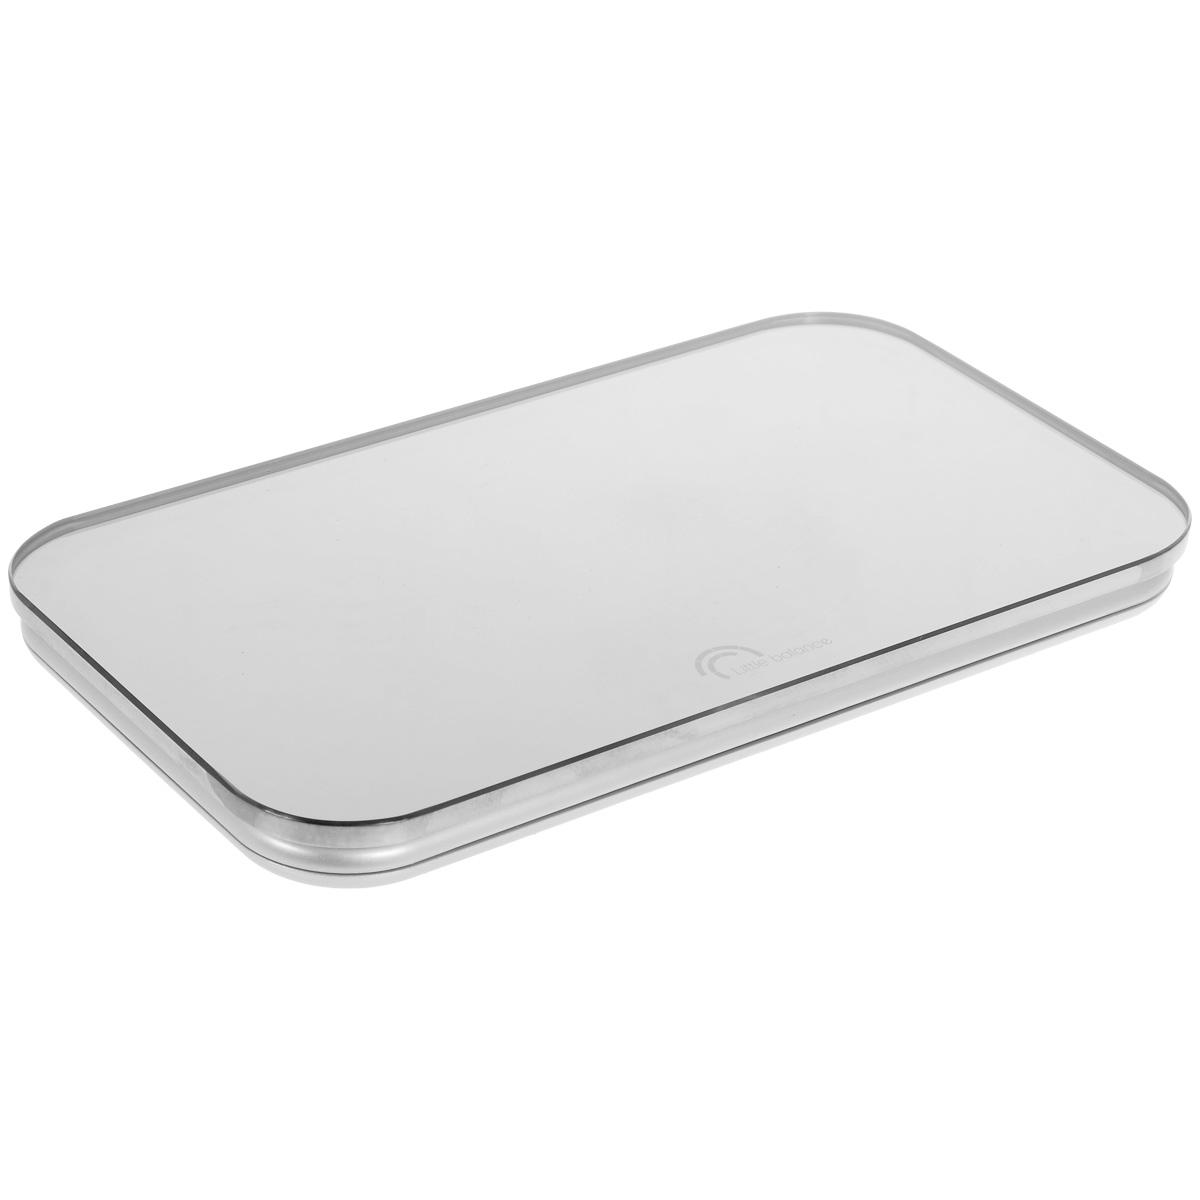 Весы напольные Little balance Nomade, цвет: стальной, зеркальный8005_стальной, зеркальныйНапольные весы Little balance Nomade просты и удобны в эксплуатации. Горизонтальная платформа изготовлена из качественного высокопрочного стекла, выдерживающего вес до 150 кг, и имеет зеркальную отделку. Корпус выполнен из полимерных материалов. Оснащены выдвигающимся цифровым дисплеем. Весы работают на батарейке типа CR2032 (входит в комплект). Прилагается инструкция по эксплуатации на русском языке. Материал: стекло, полимерные материалы. Размер: 23 см x 13 см x 2 см. Размер дисплея: 6 см x 2,9 см.